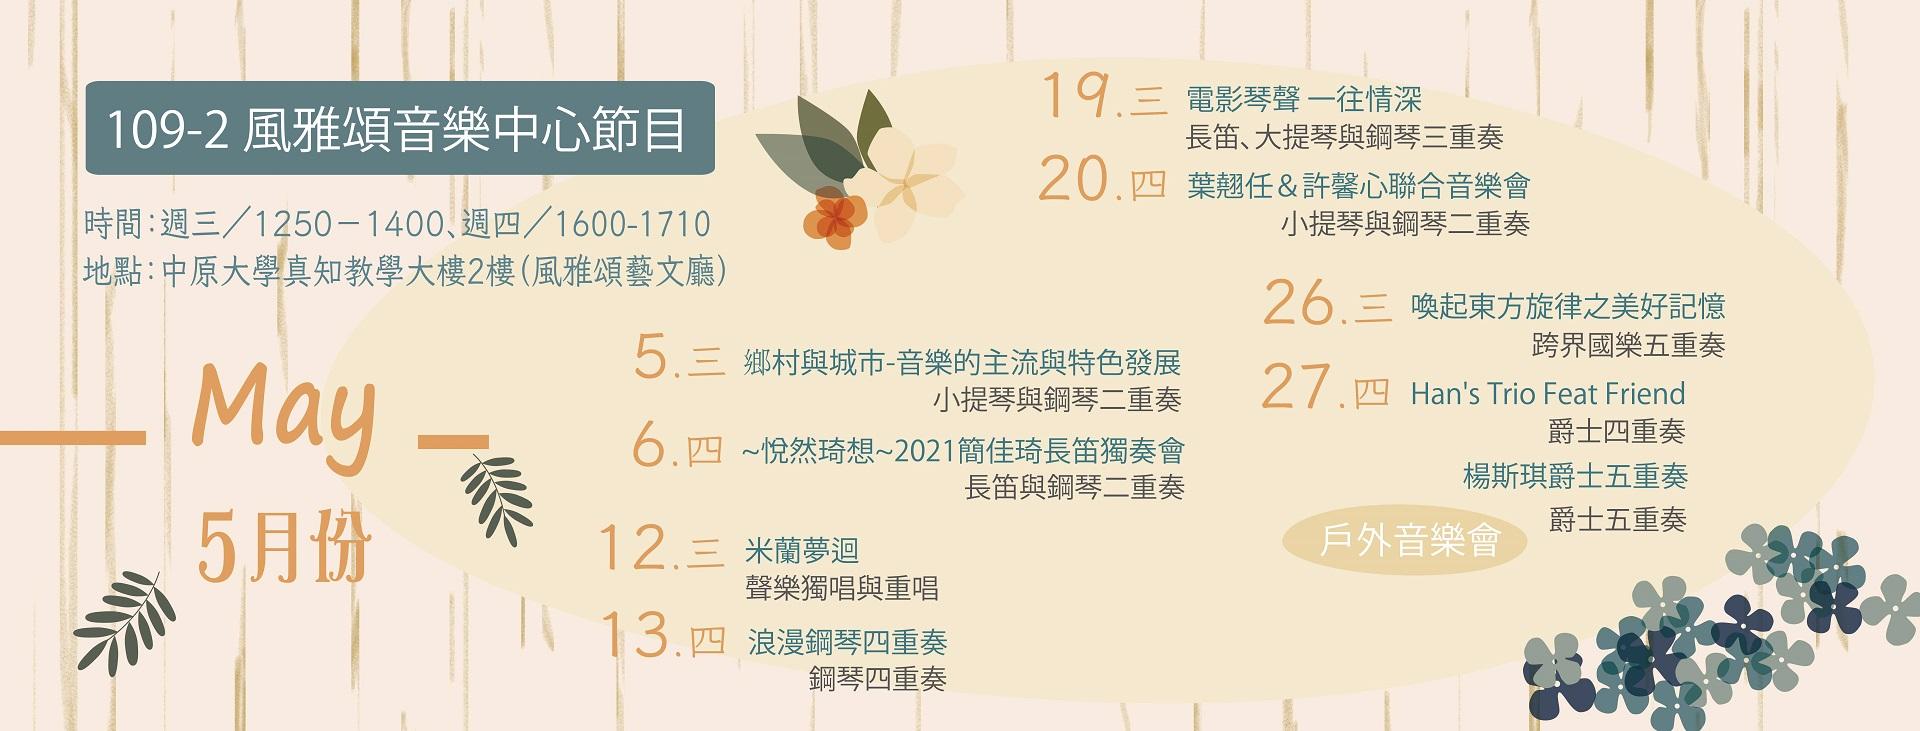 109-2風雅頌音樂中心節目-5月份